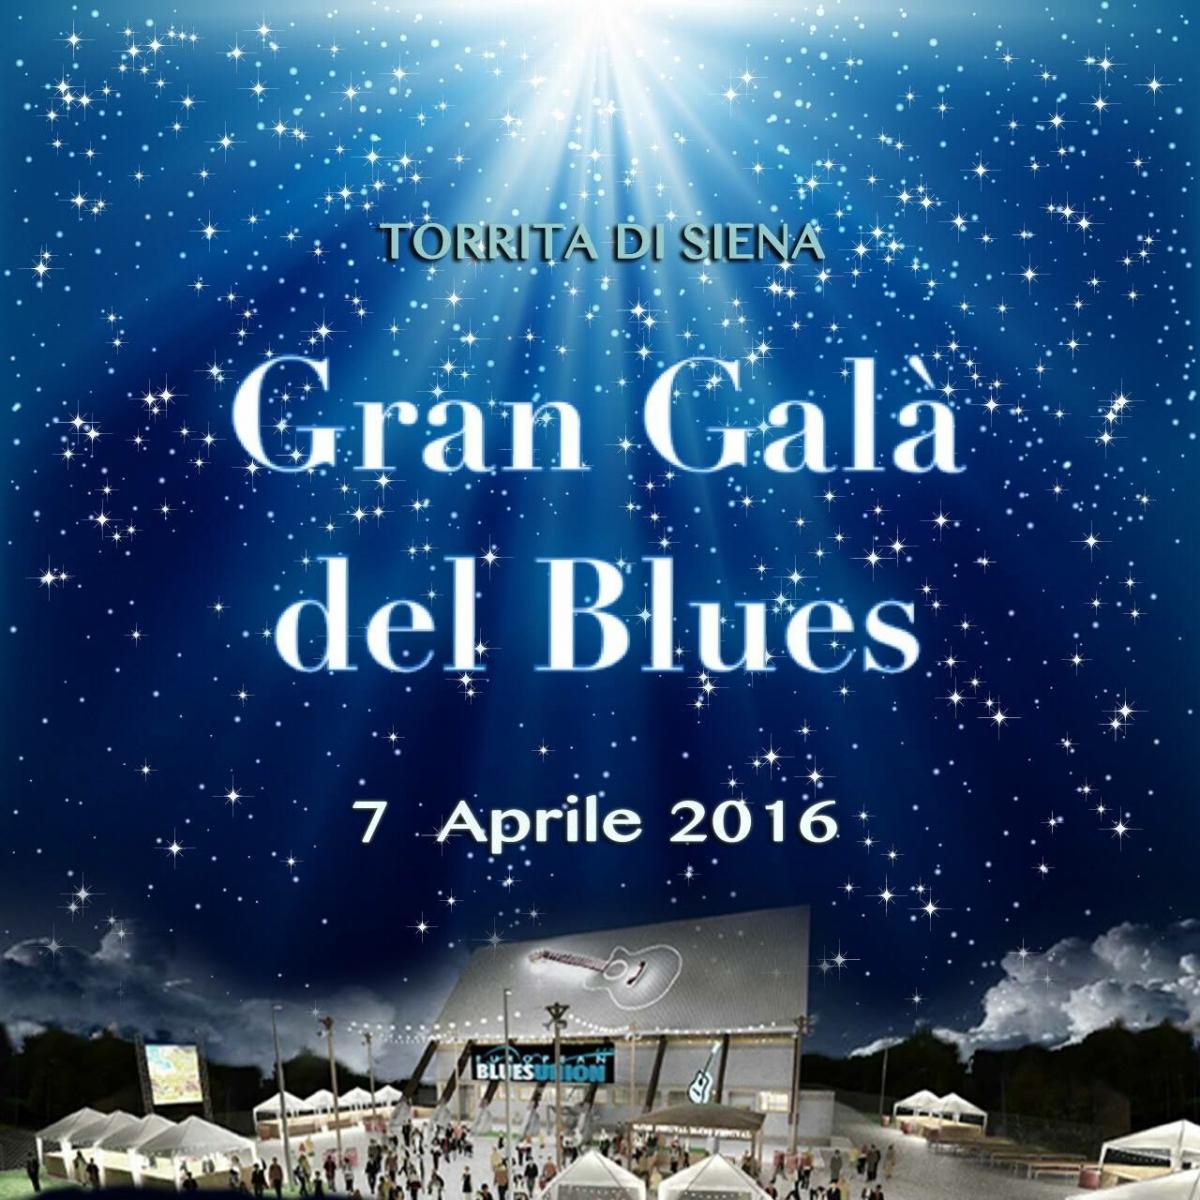 Gran Gala del Blues 7 aprile